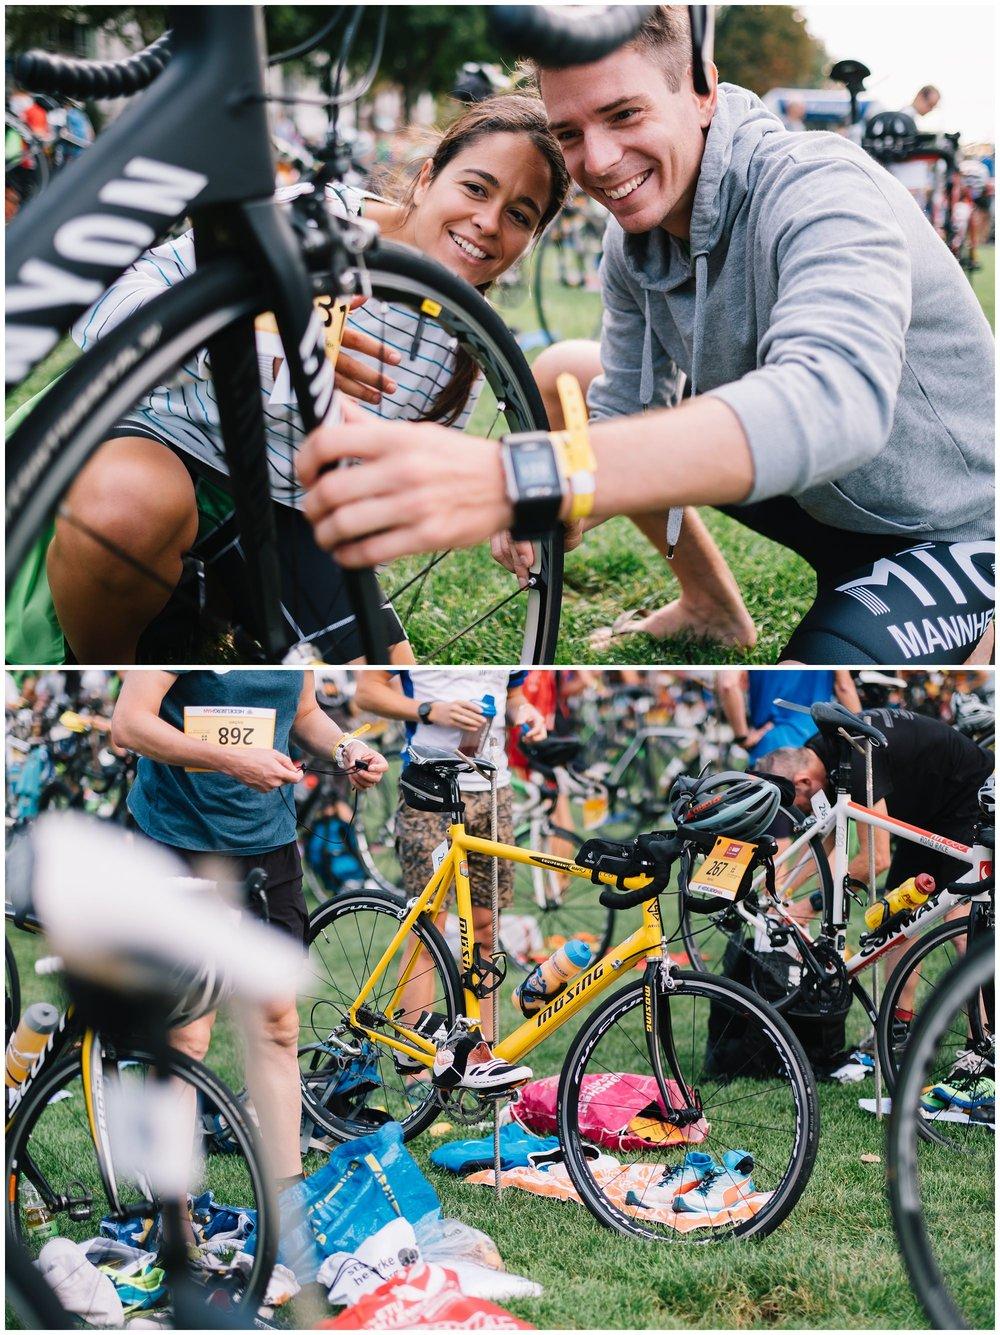 Heidelbergman-Triathlon-2018-02_web.jpg